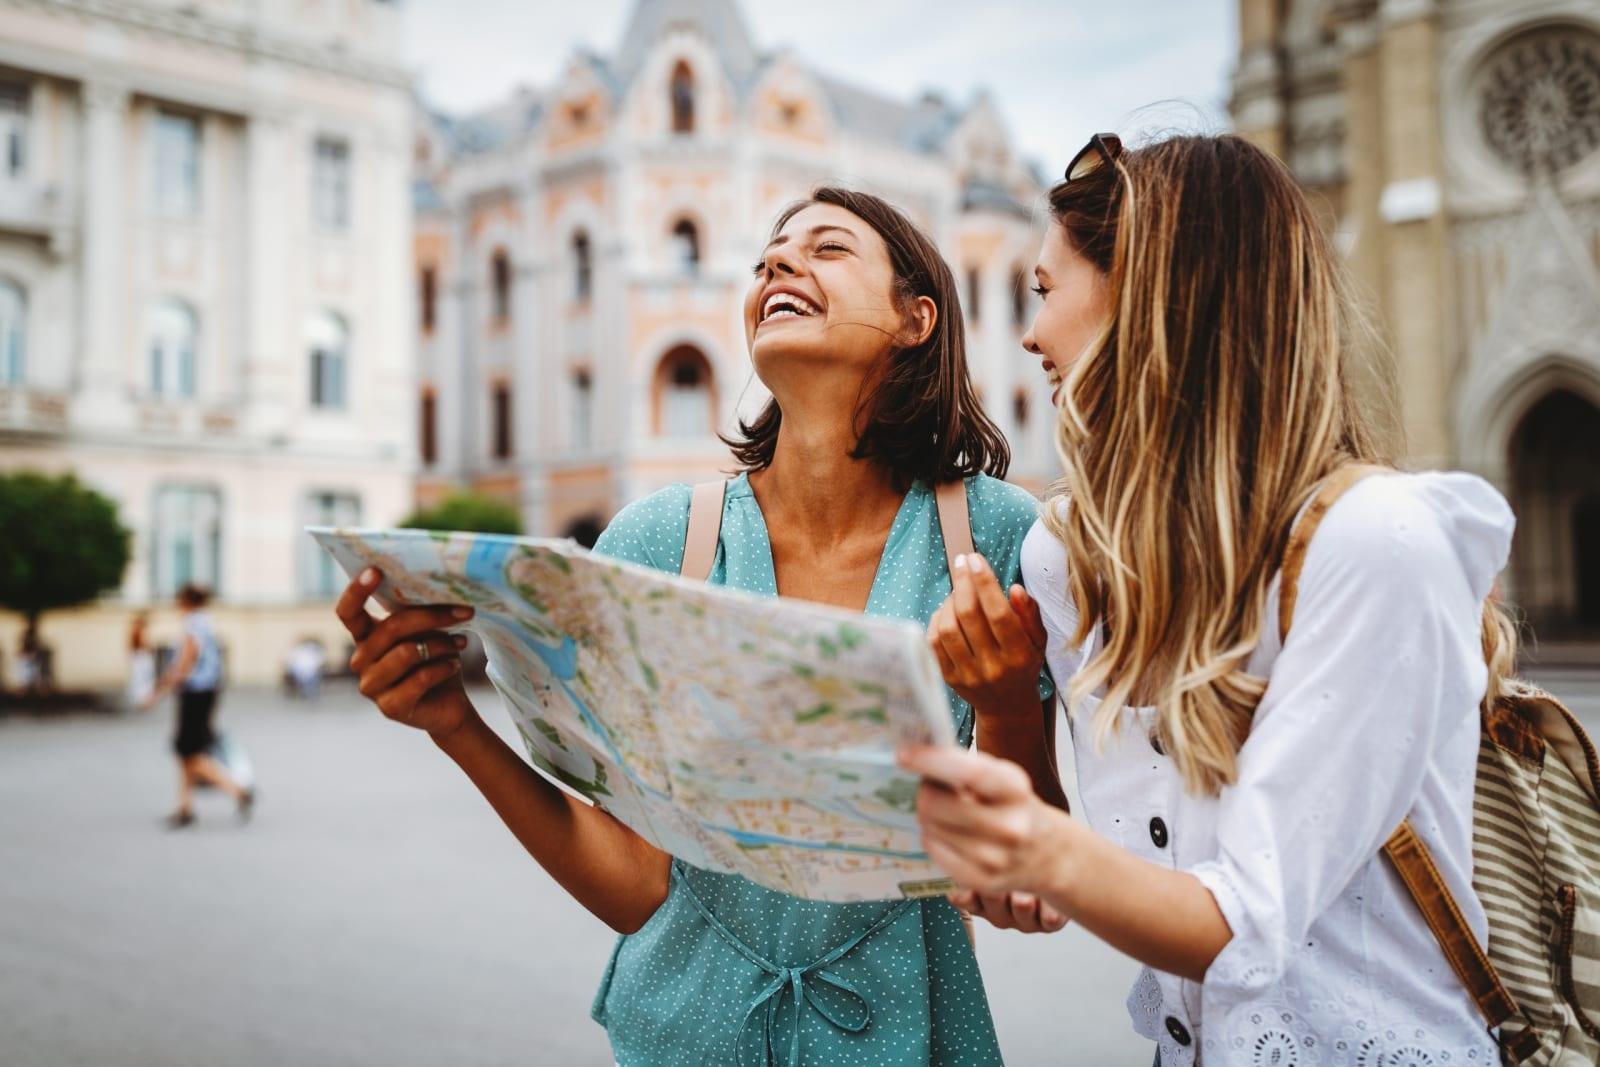 Ragazze che visitano la città e ridono guardando una mappa della città